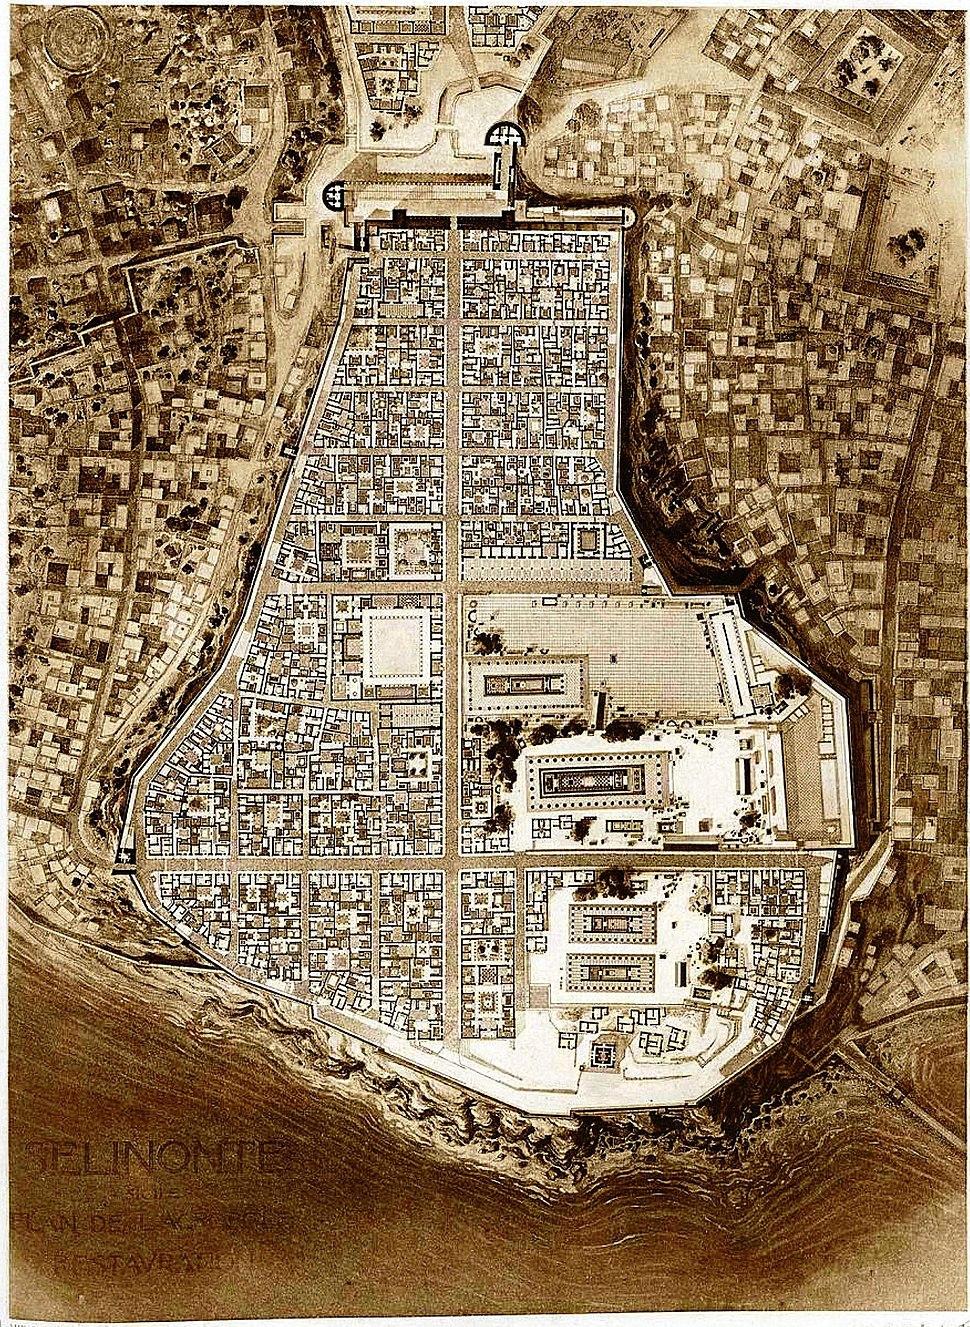 Stadtplanung Selinunt